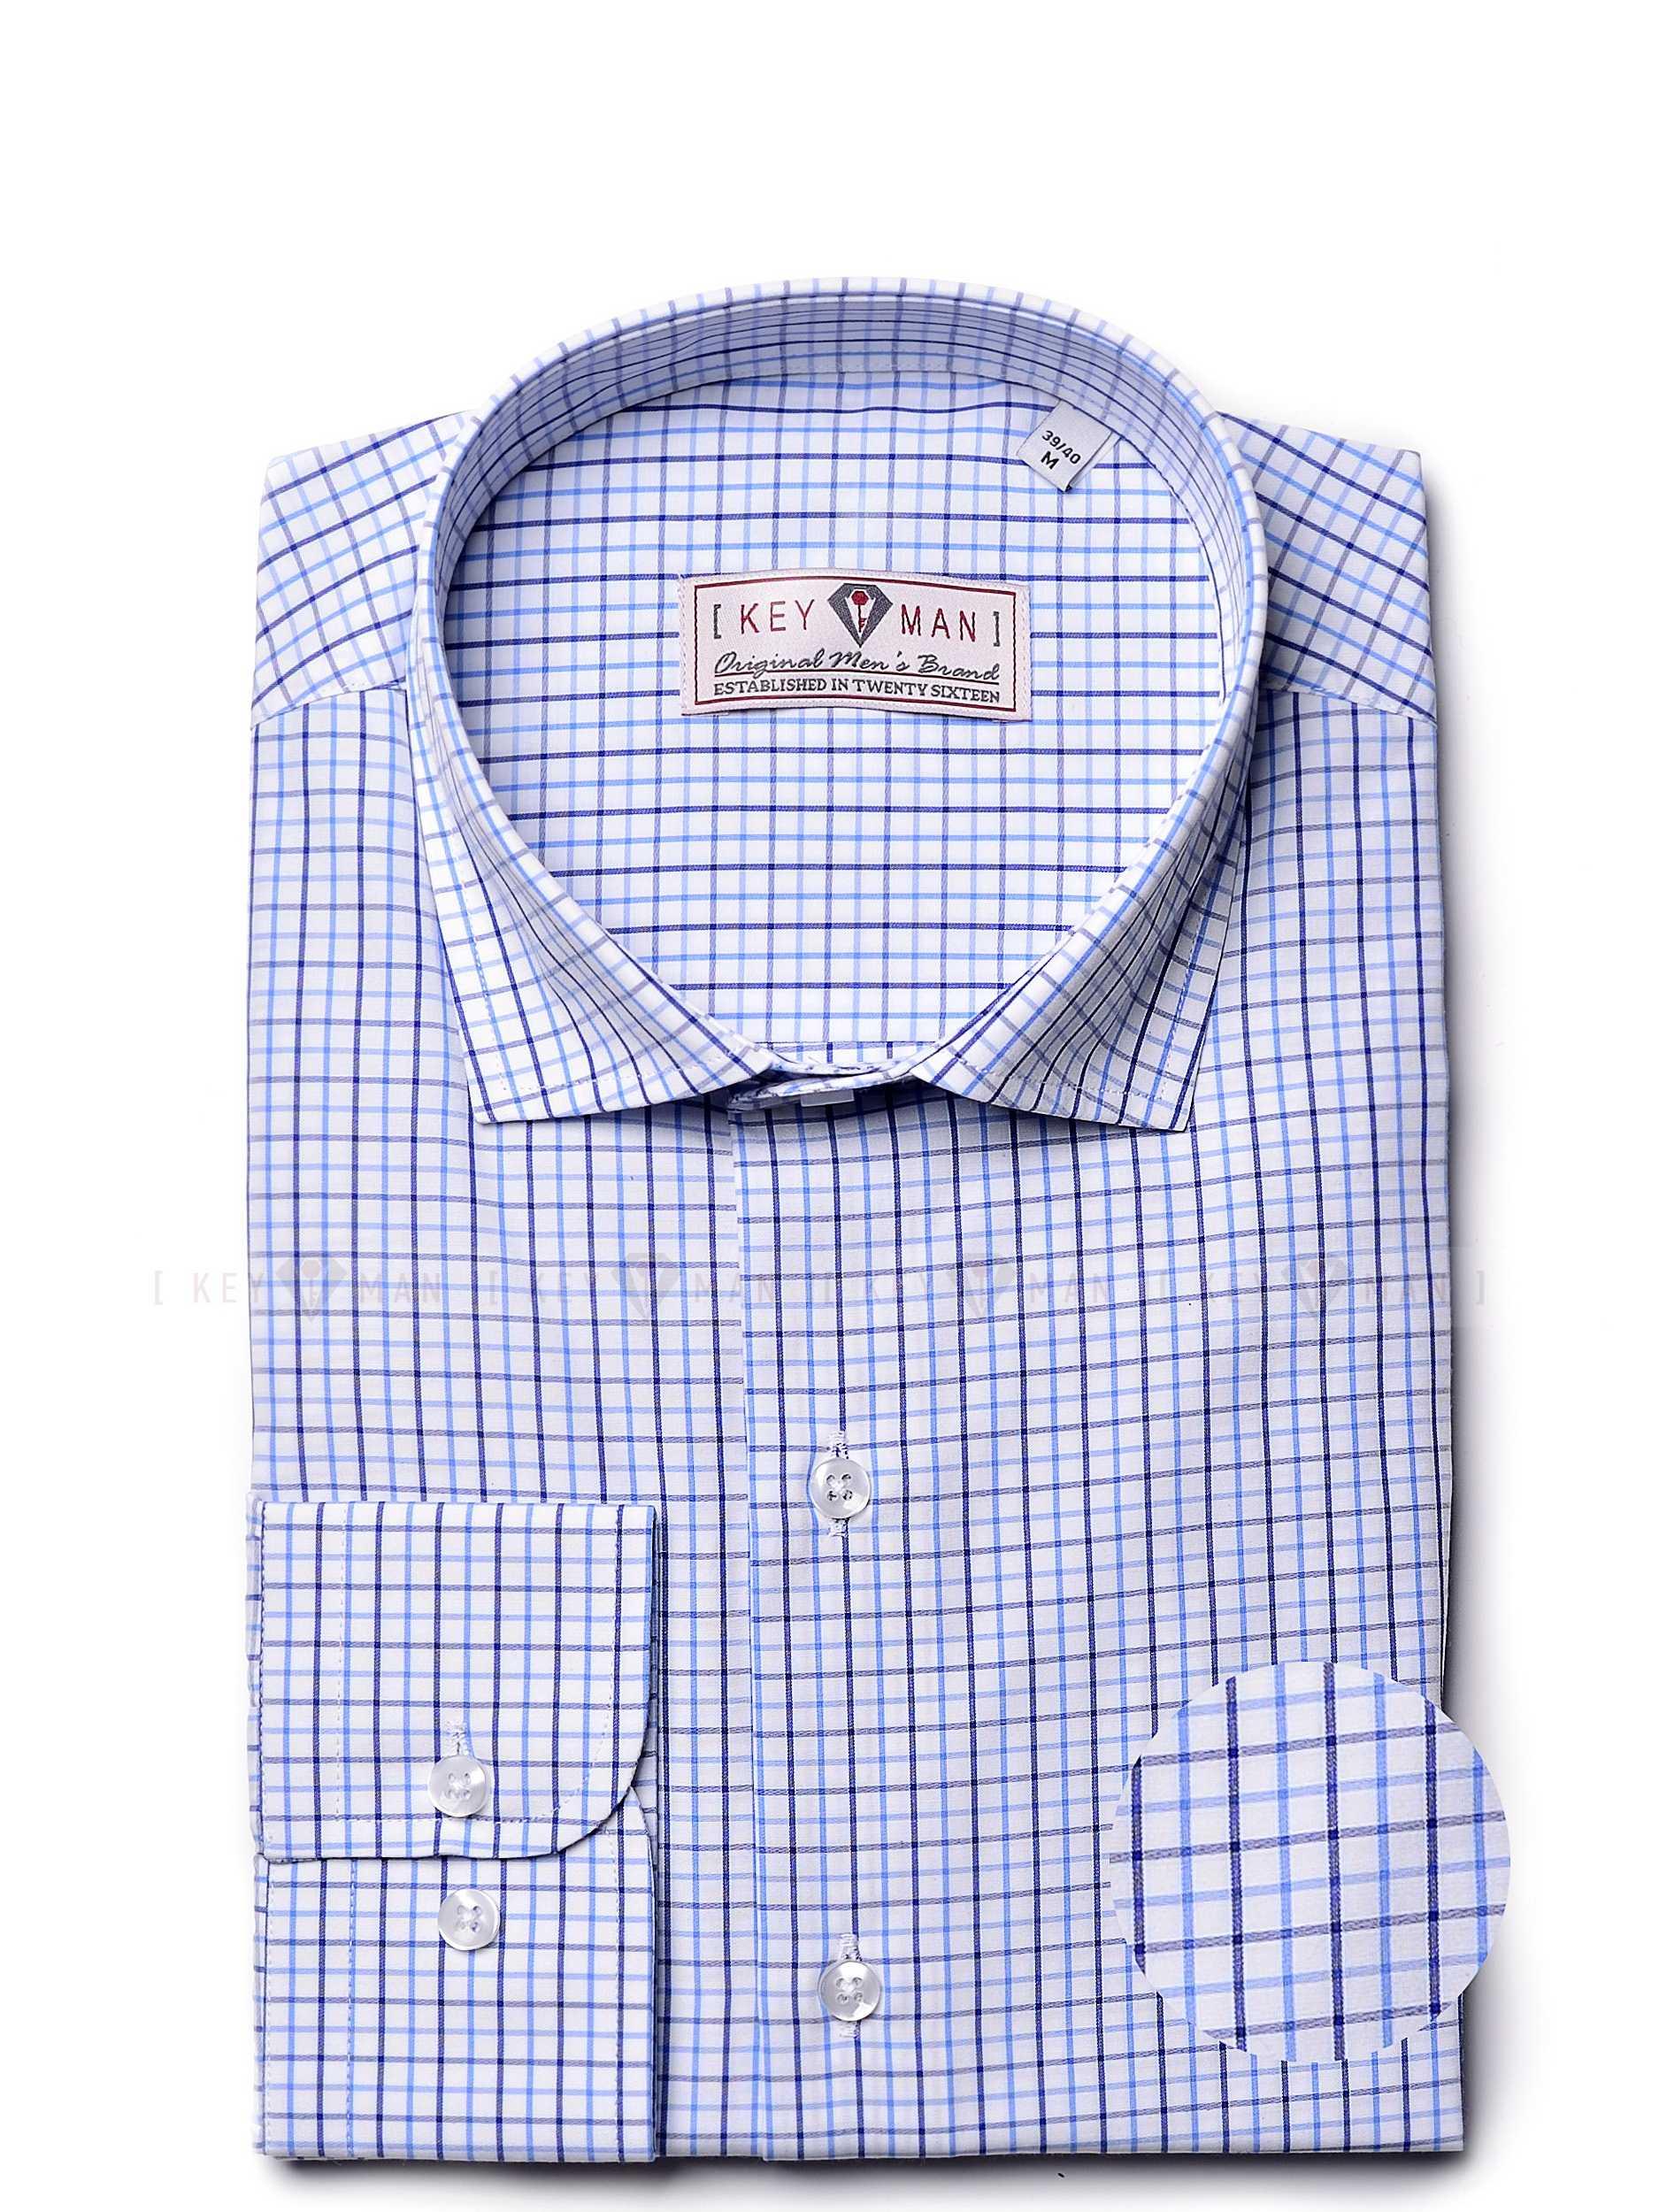 Рубашка мужская в сине-голубую крупную клетку с воротником на пуговицах